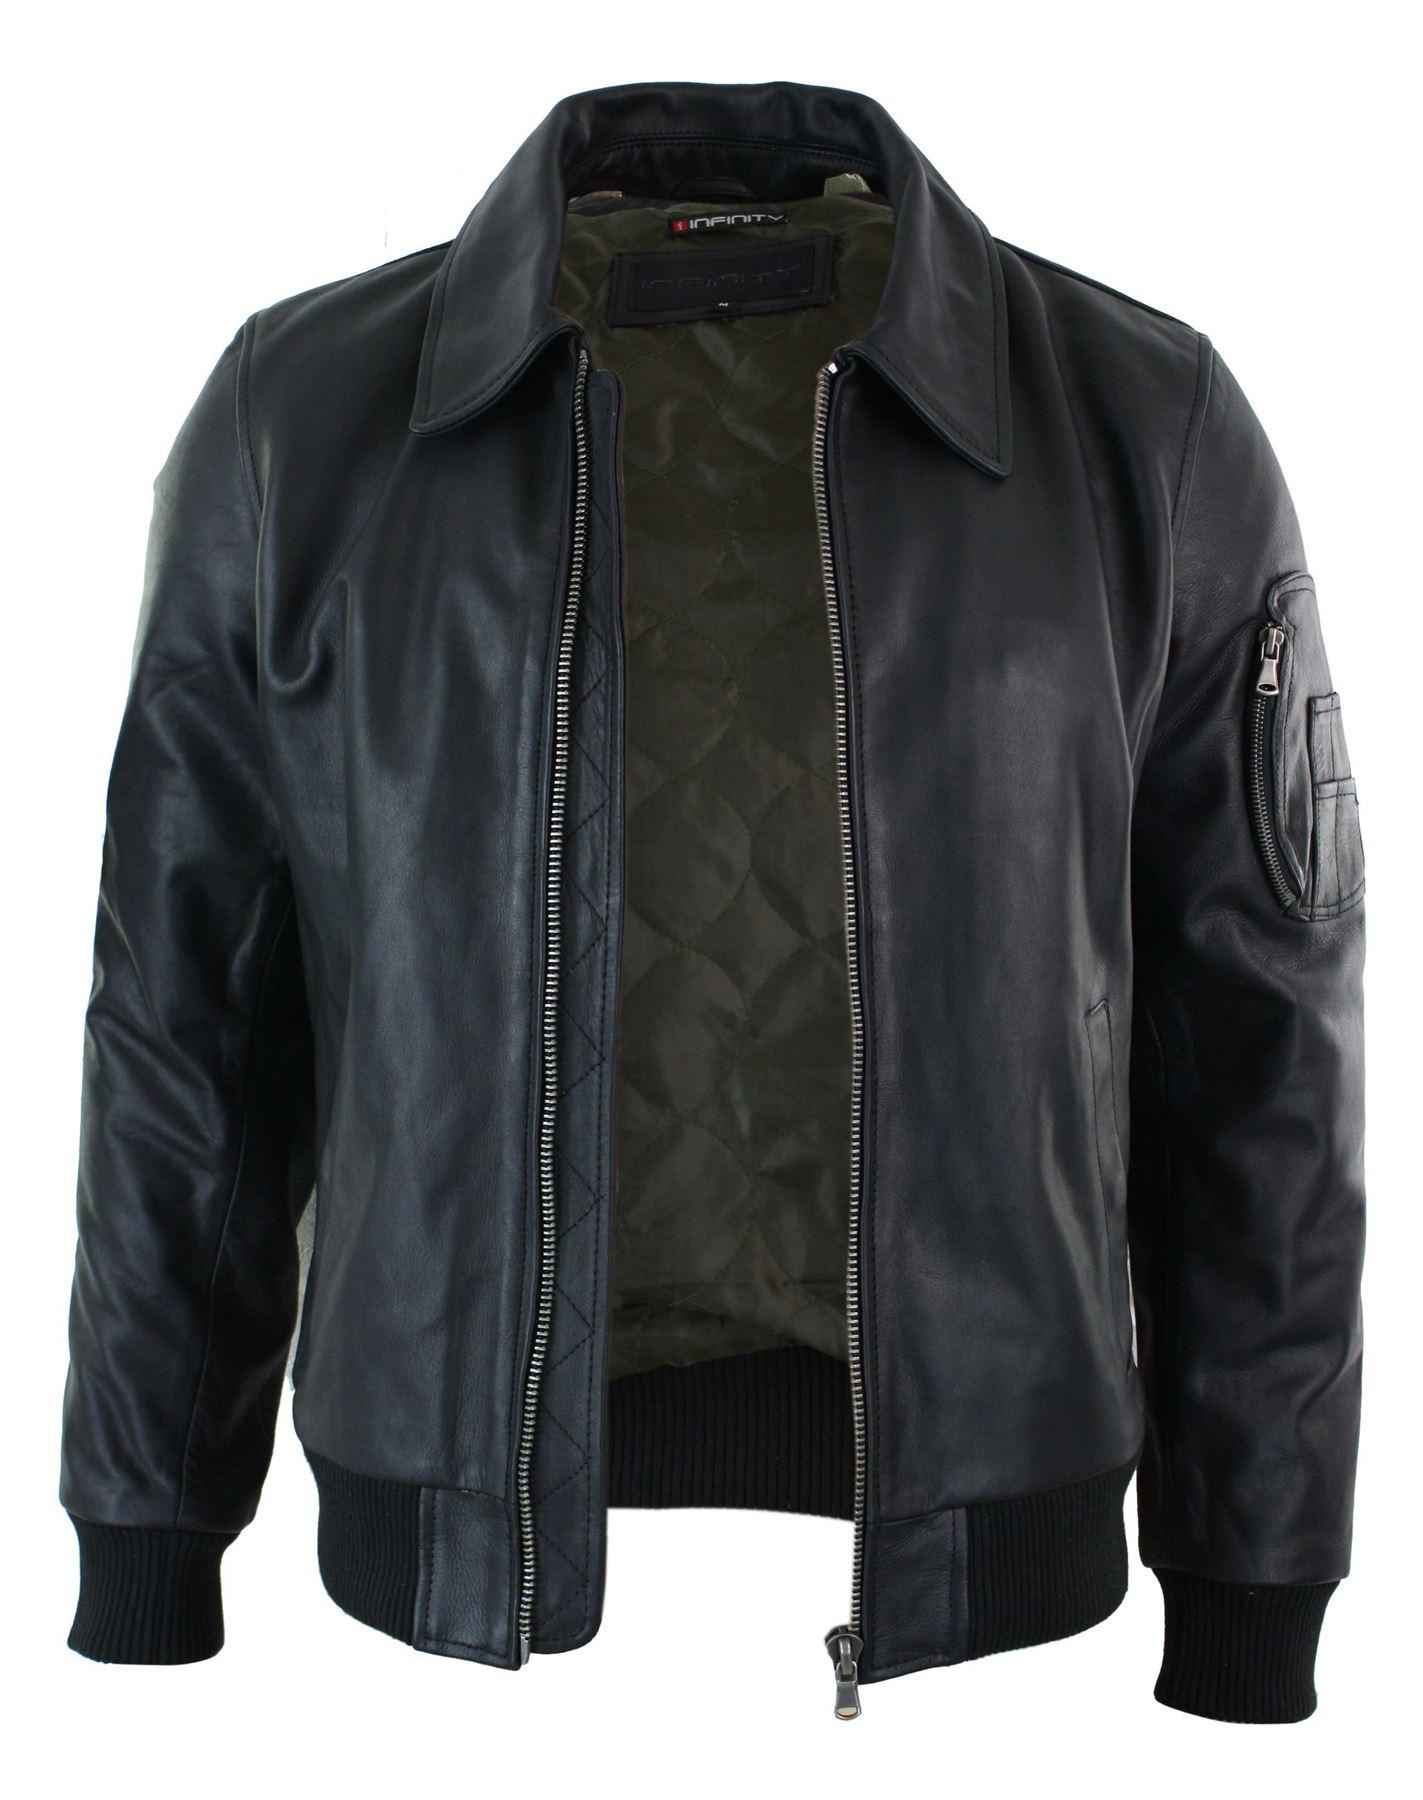 Leather ma1 jacket